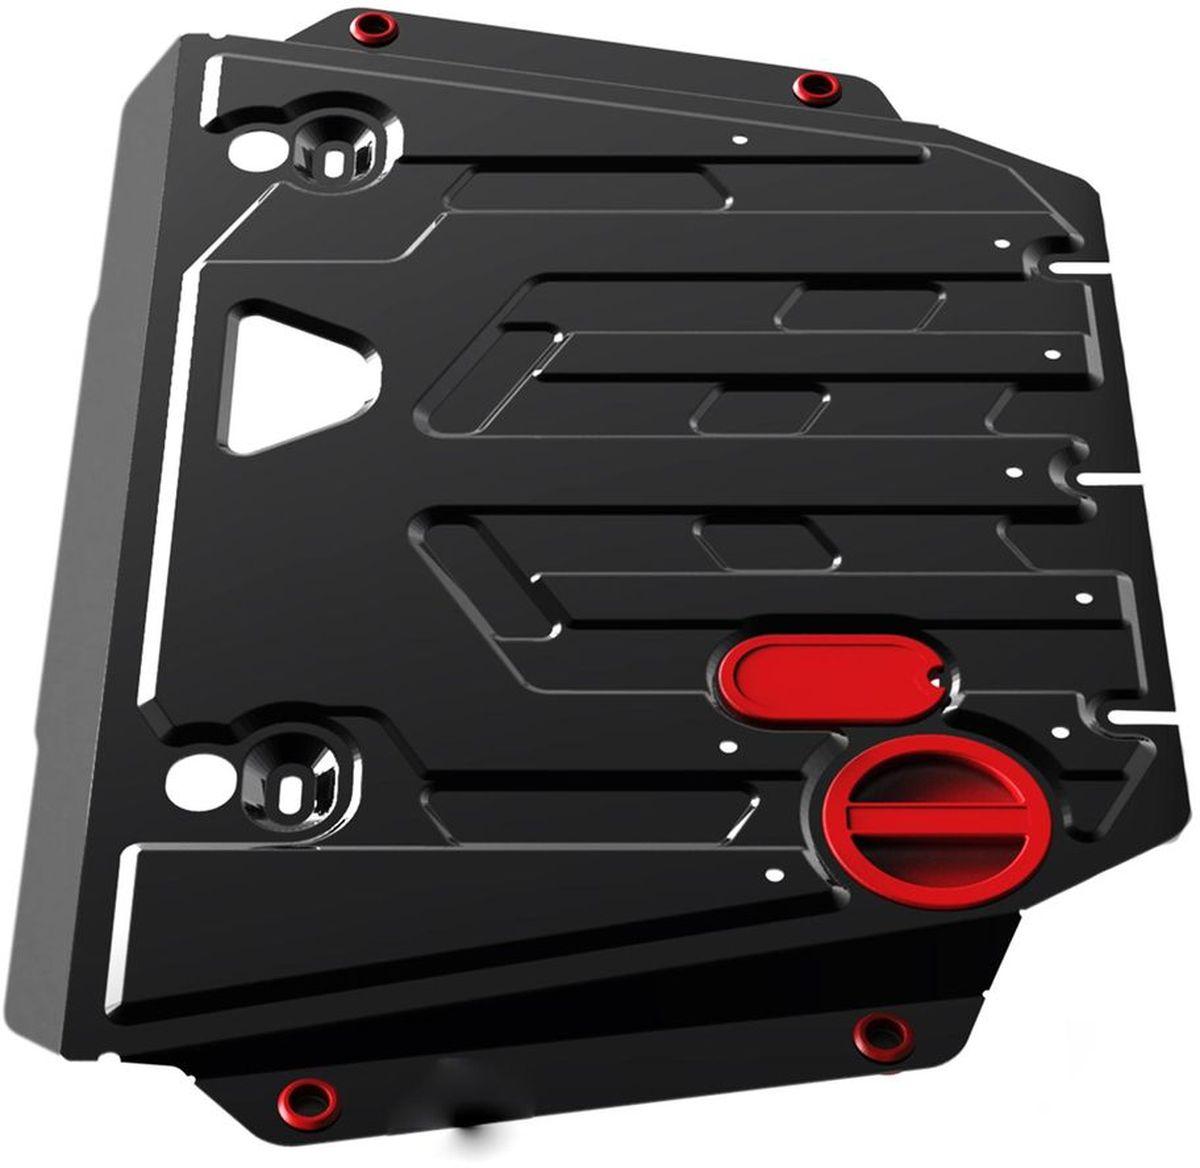 Защита картера и КПП Автоброня Ford Grand C-Max 2010-, сталь 2 мм коврик в багажник novline ford grand c max 11 2010 разложенные сиденья заднего ряда полиуретан b000 19